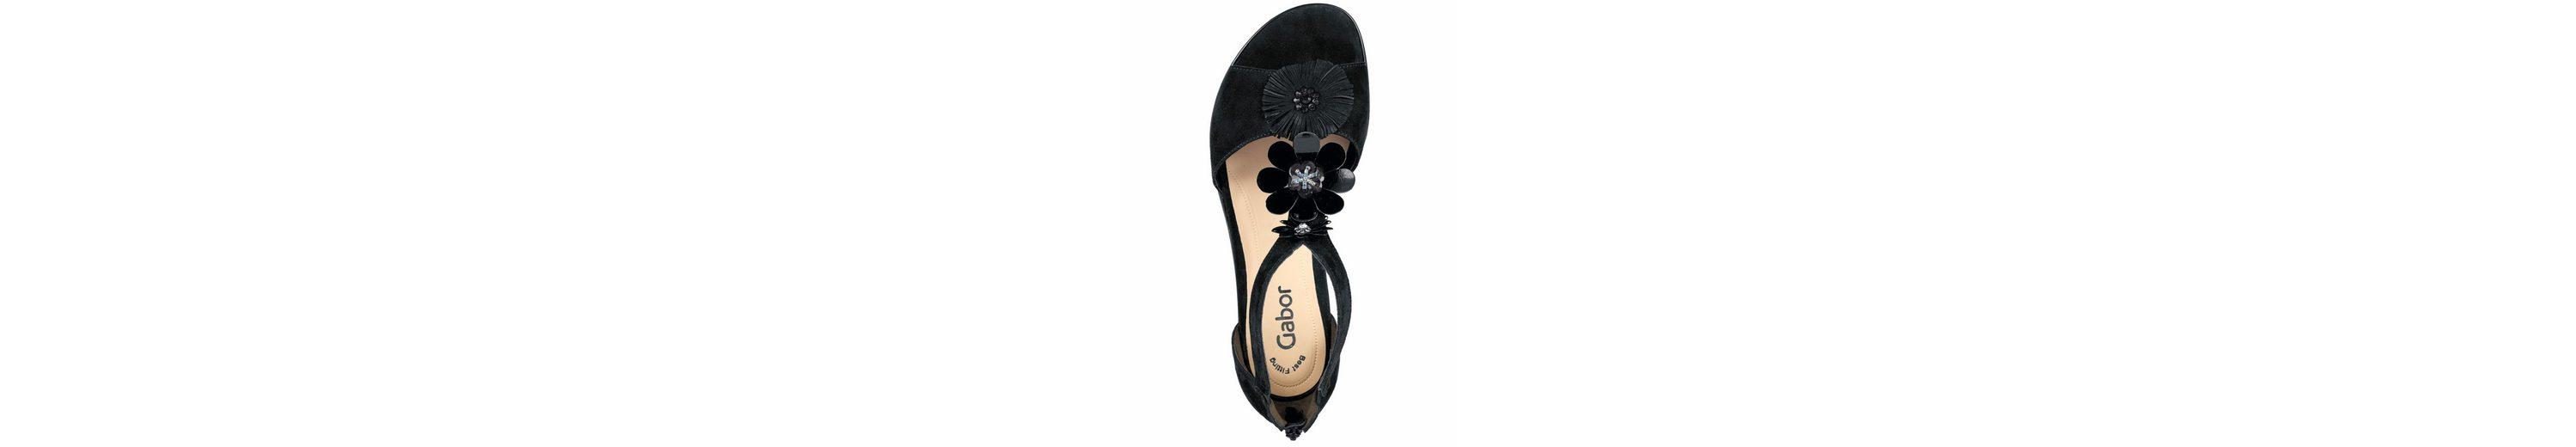 Neuesten Kollektionen GABOR Sandalette mit Blütenapplikationen Freies Verschiffen Besuch Neu Verkauf Brandneue Unisex RroX6VXMJm